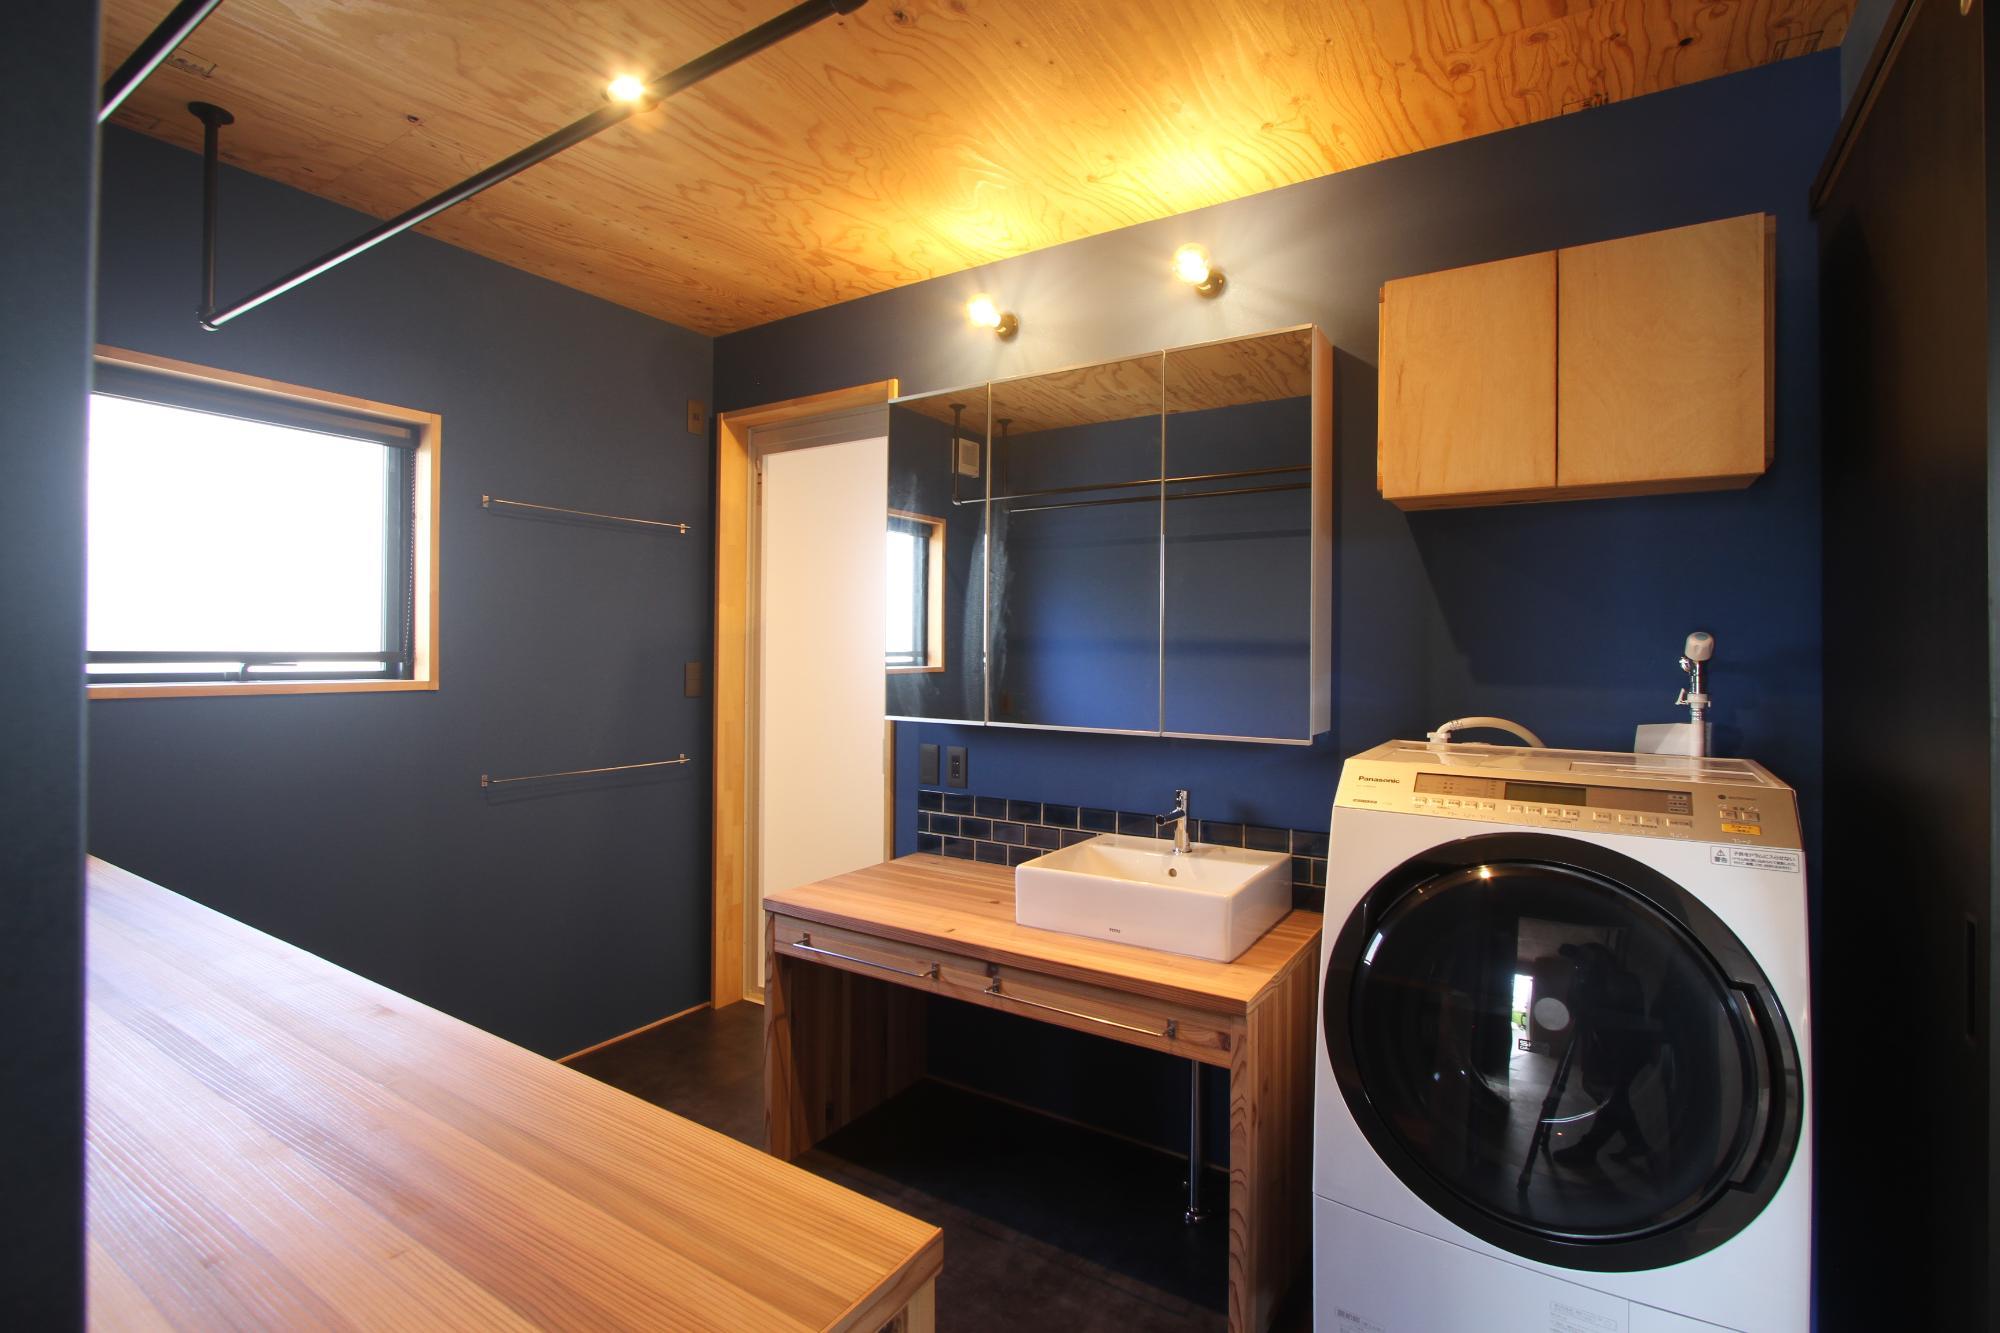 (株)難波産業「木のぬくもりと日差し溢れる木の家」の風呂・浴室の実例写真